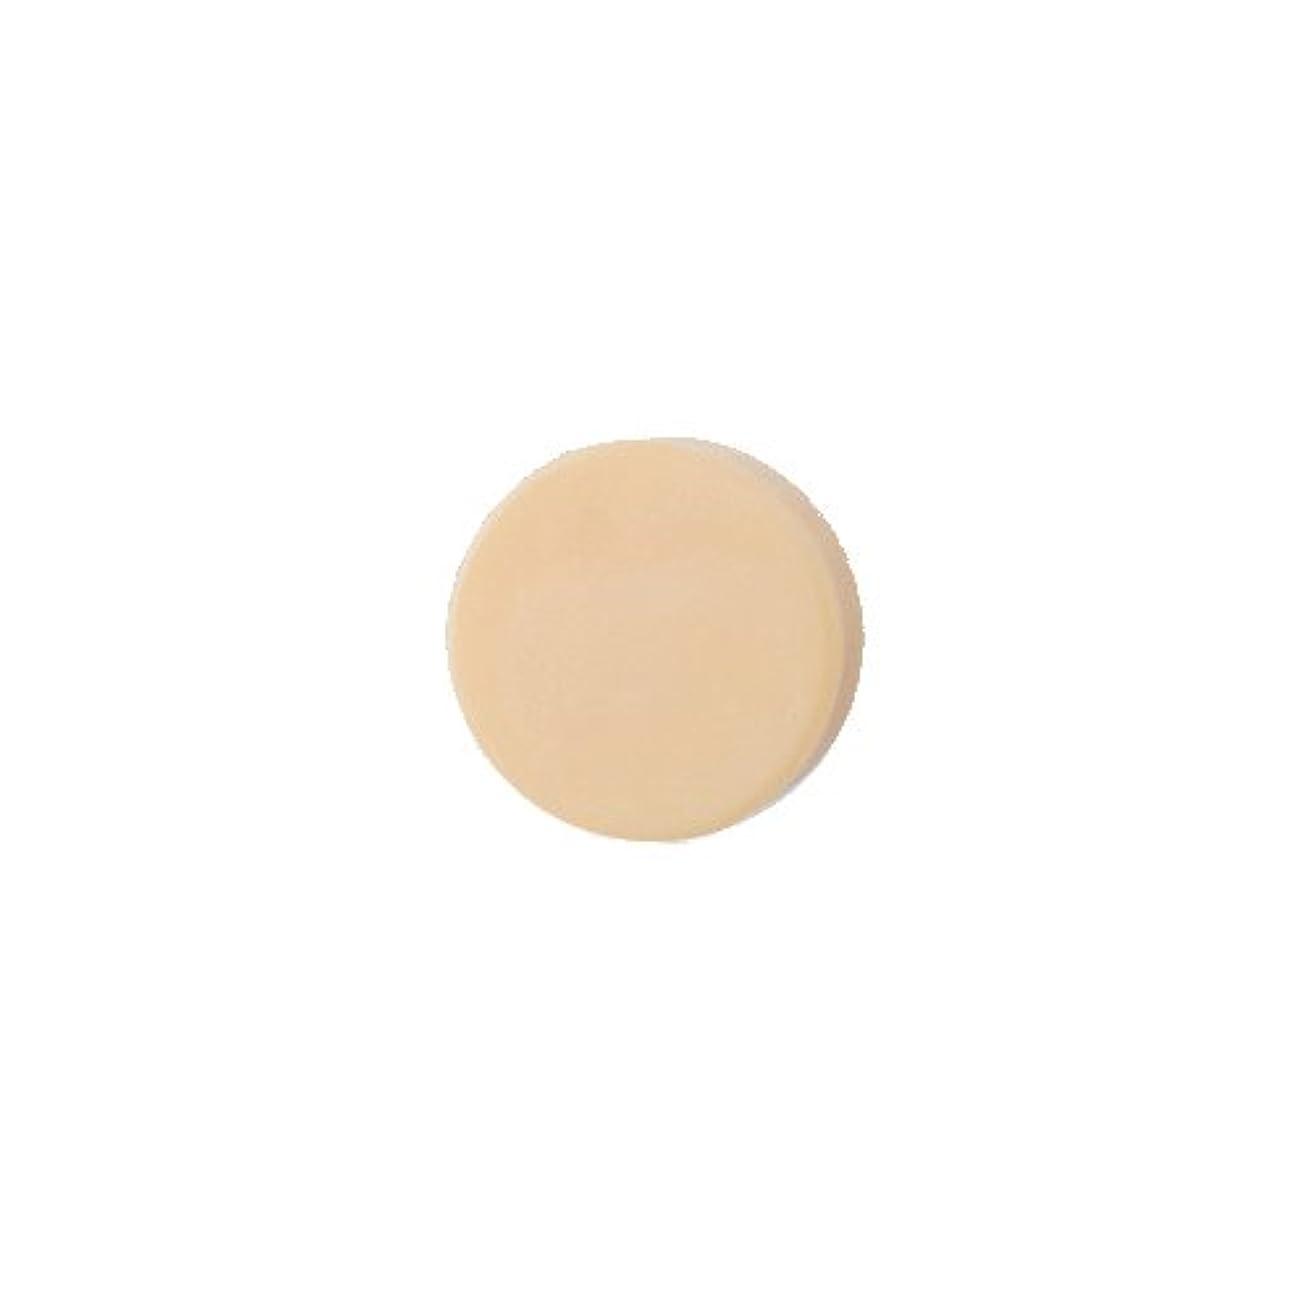 努力するくつろぐパパこだわりコールド製法の無添加でオーガニックな洗顔石鹸 マザーウッド&シルクソープ 75g